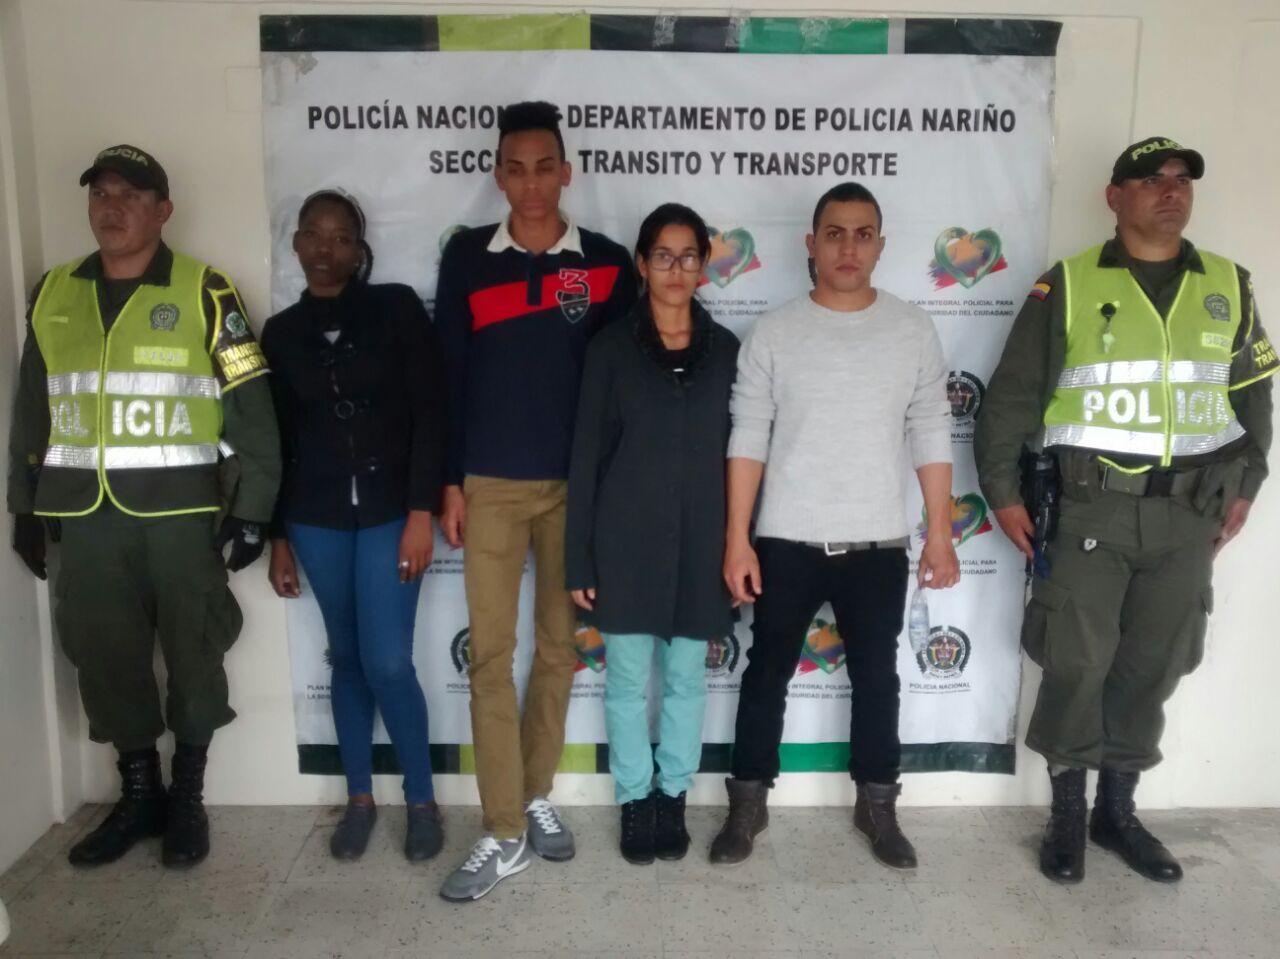 Aumenta la delincuencia en ipiales radio ipiales caracol for Oficina de policia